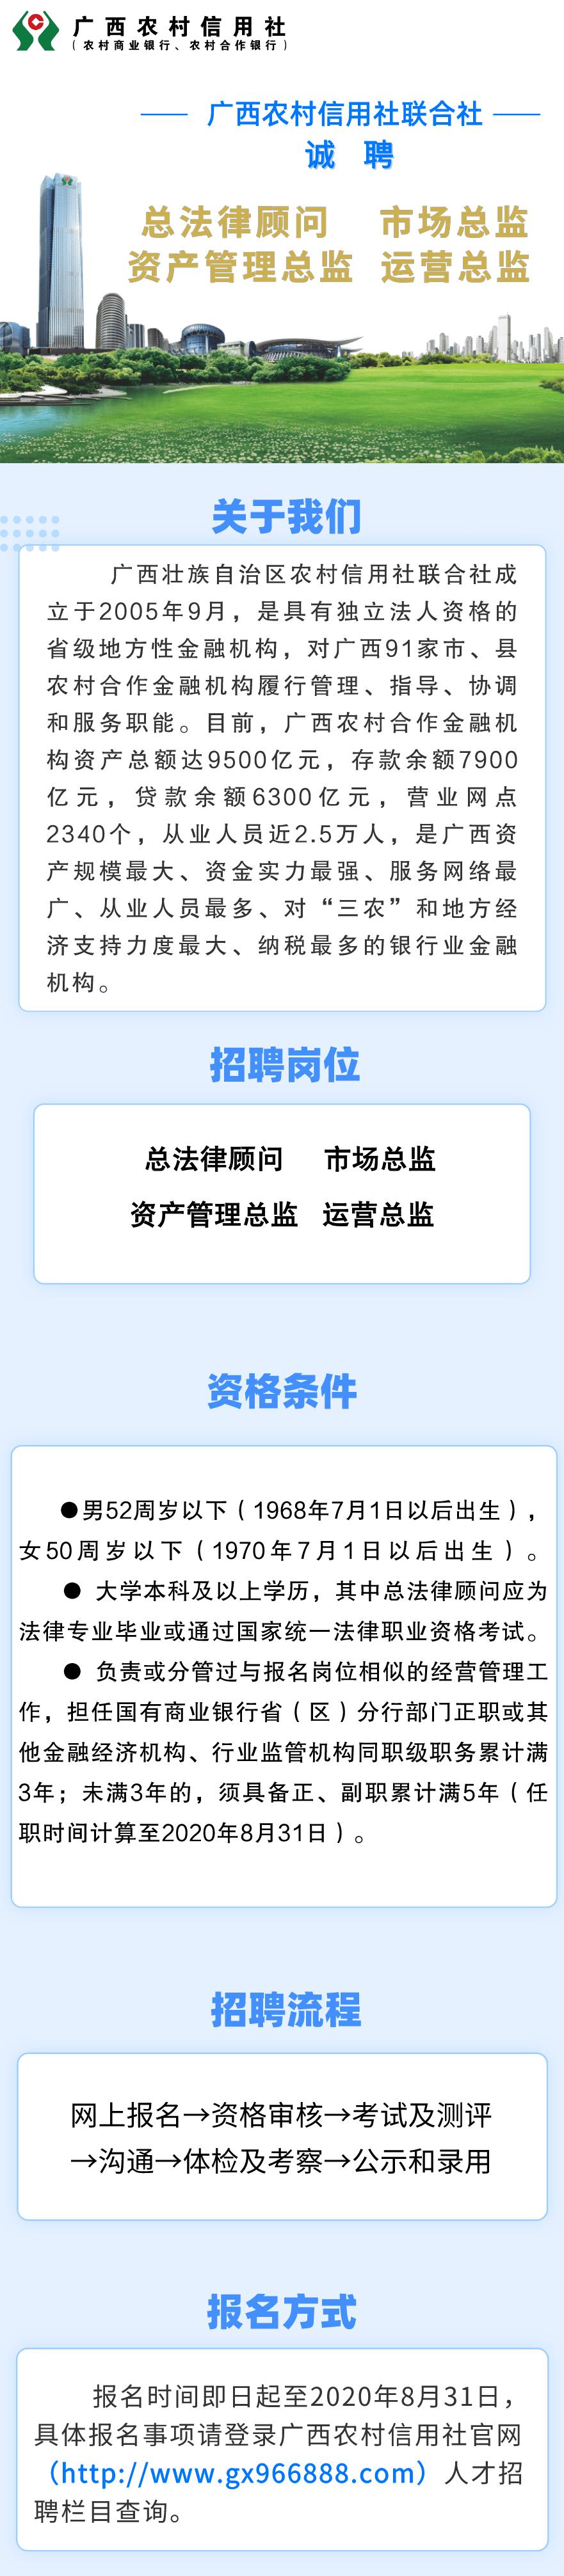 广西农村信用社团结社诚聘总监类治理人员|皇冠新现金网平台(图1)